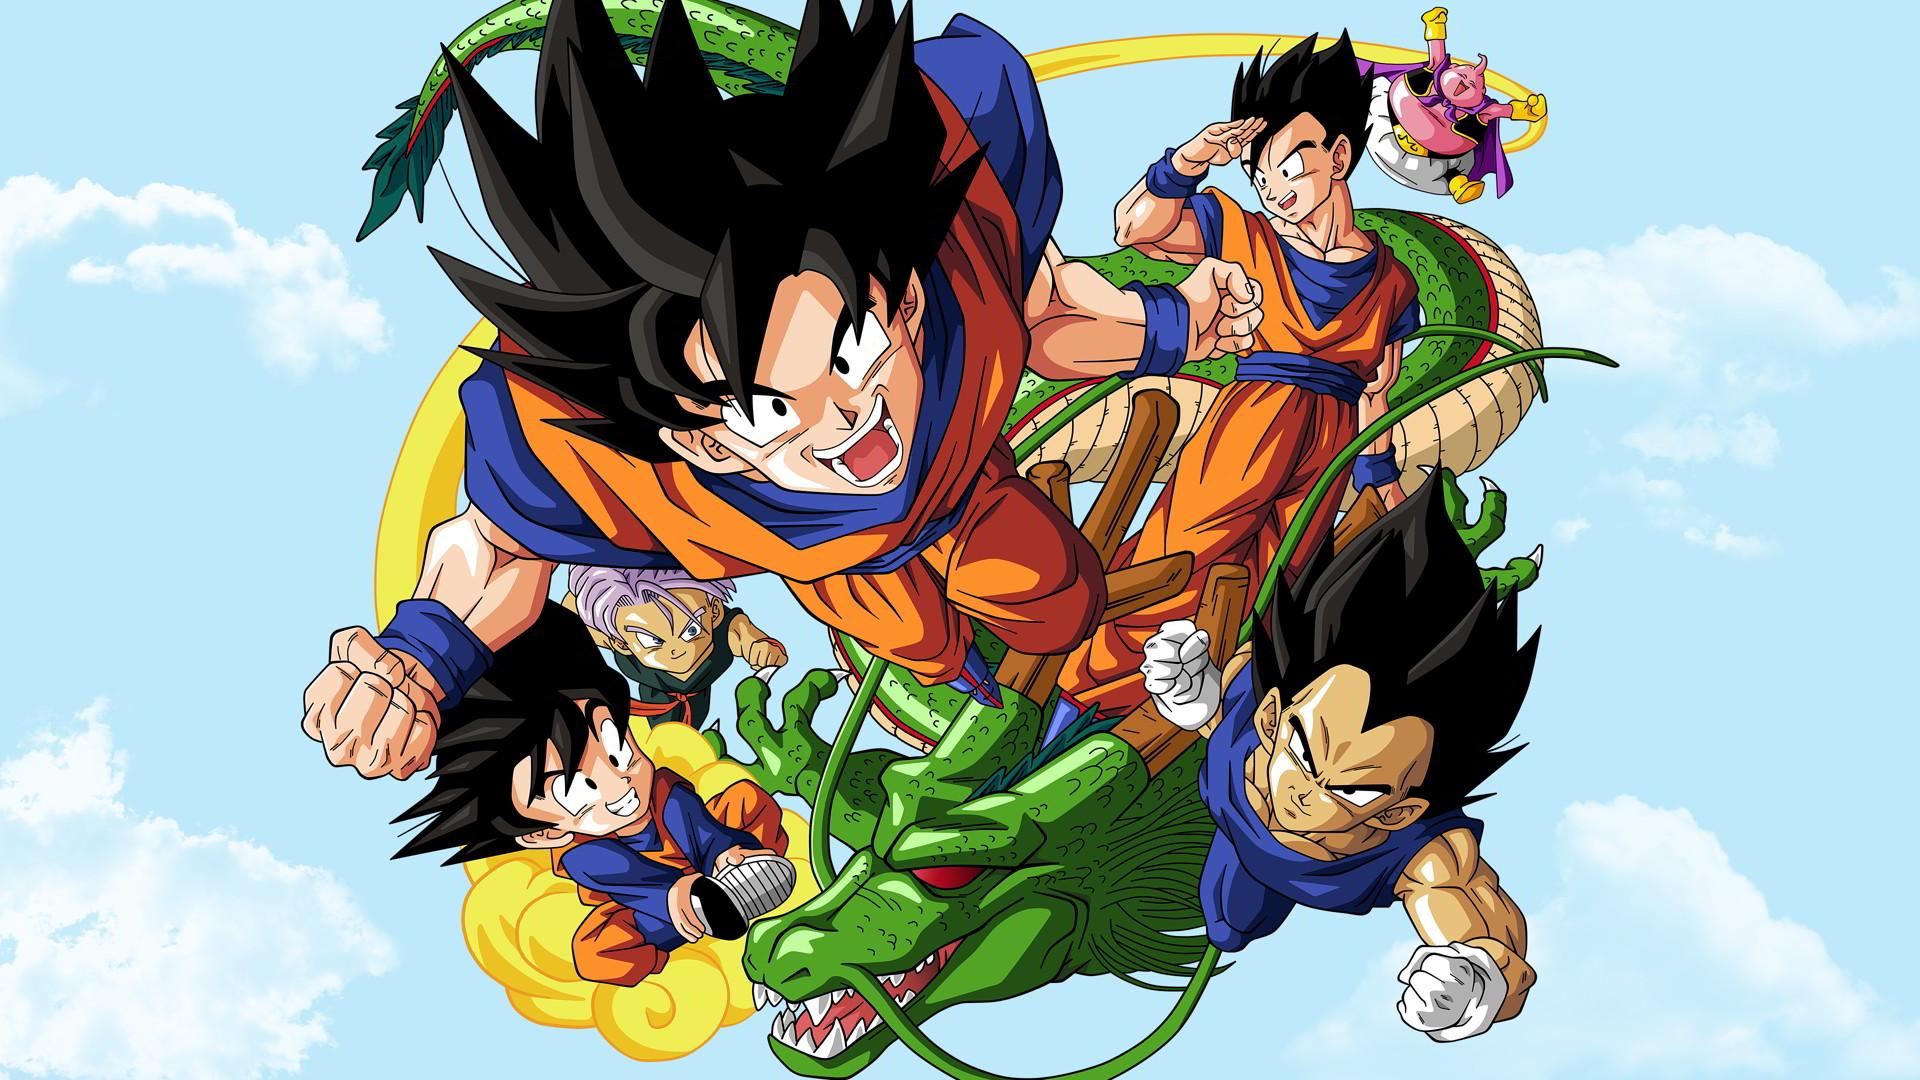 200 hình nền Goku full HD cực đẹp chất lượng cao và hình ảnh sắc nét.